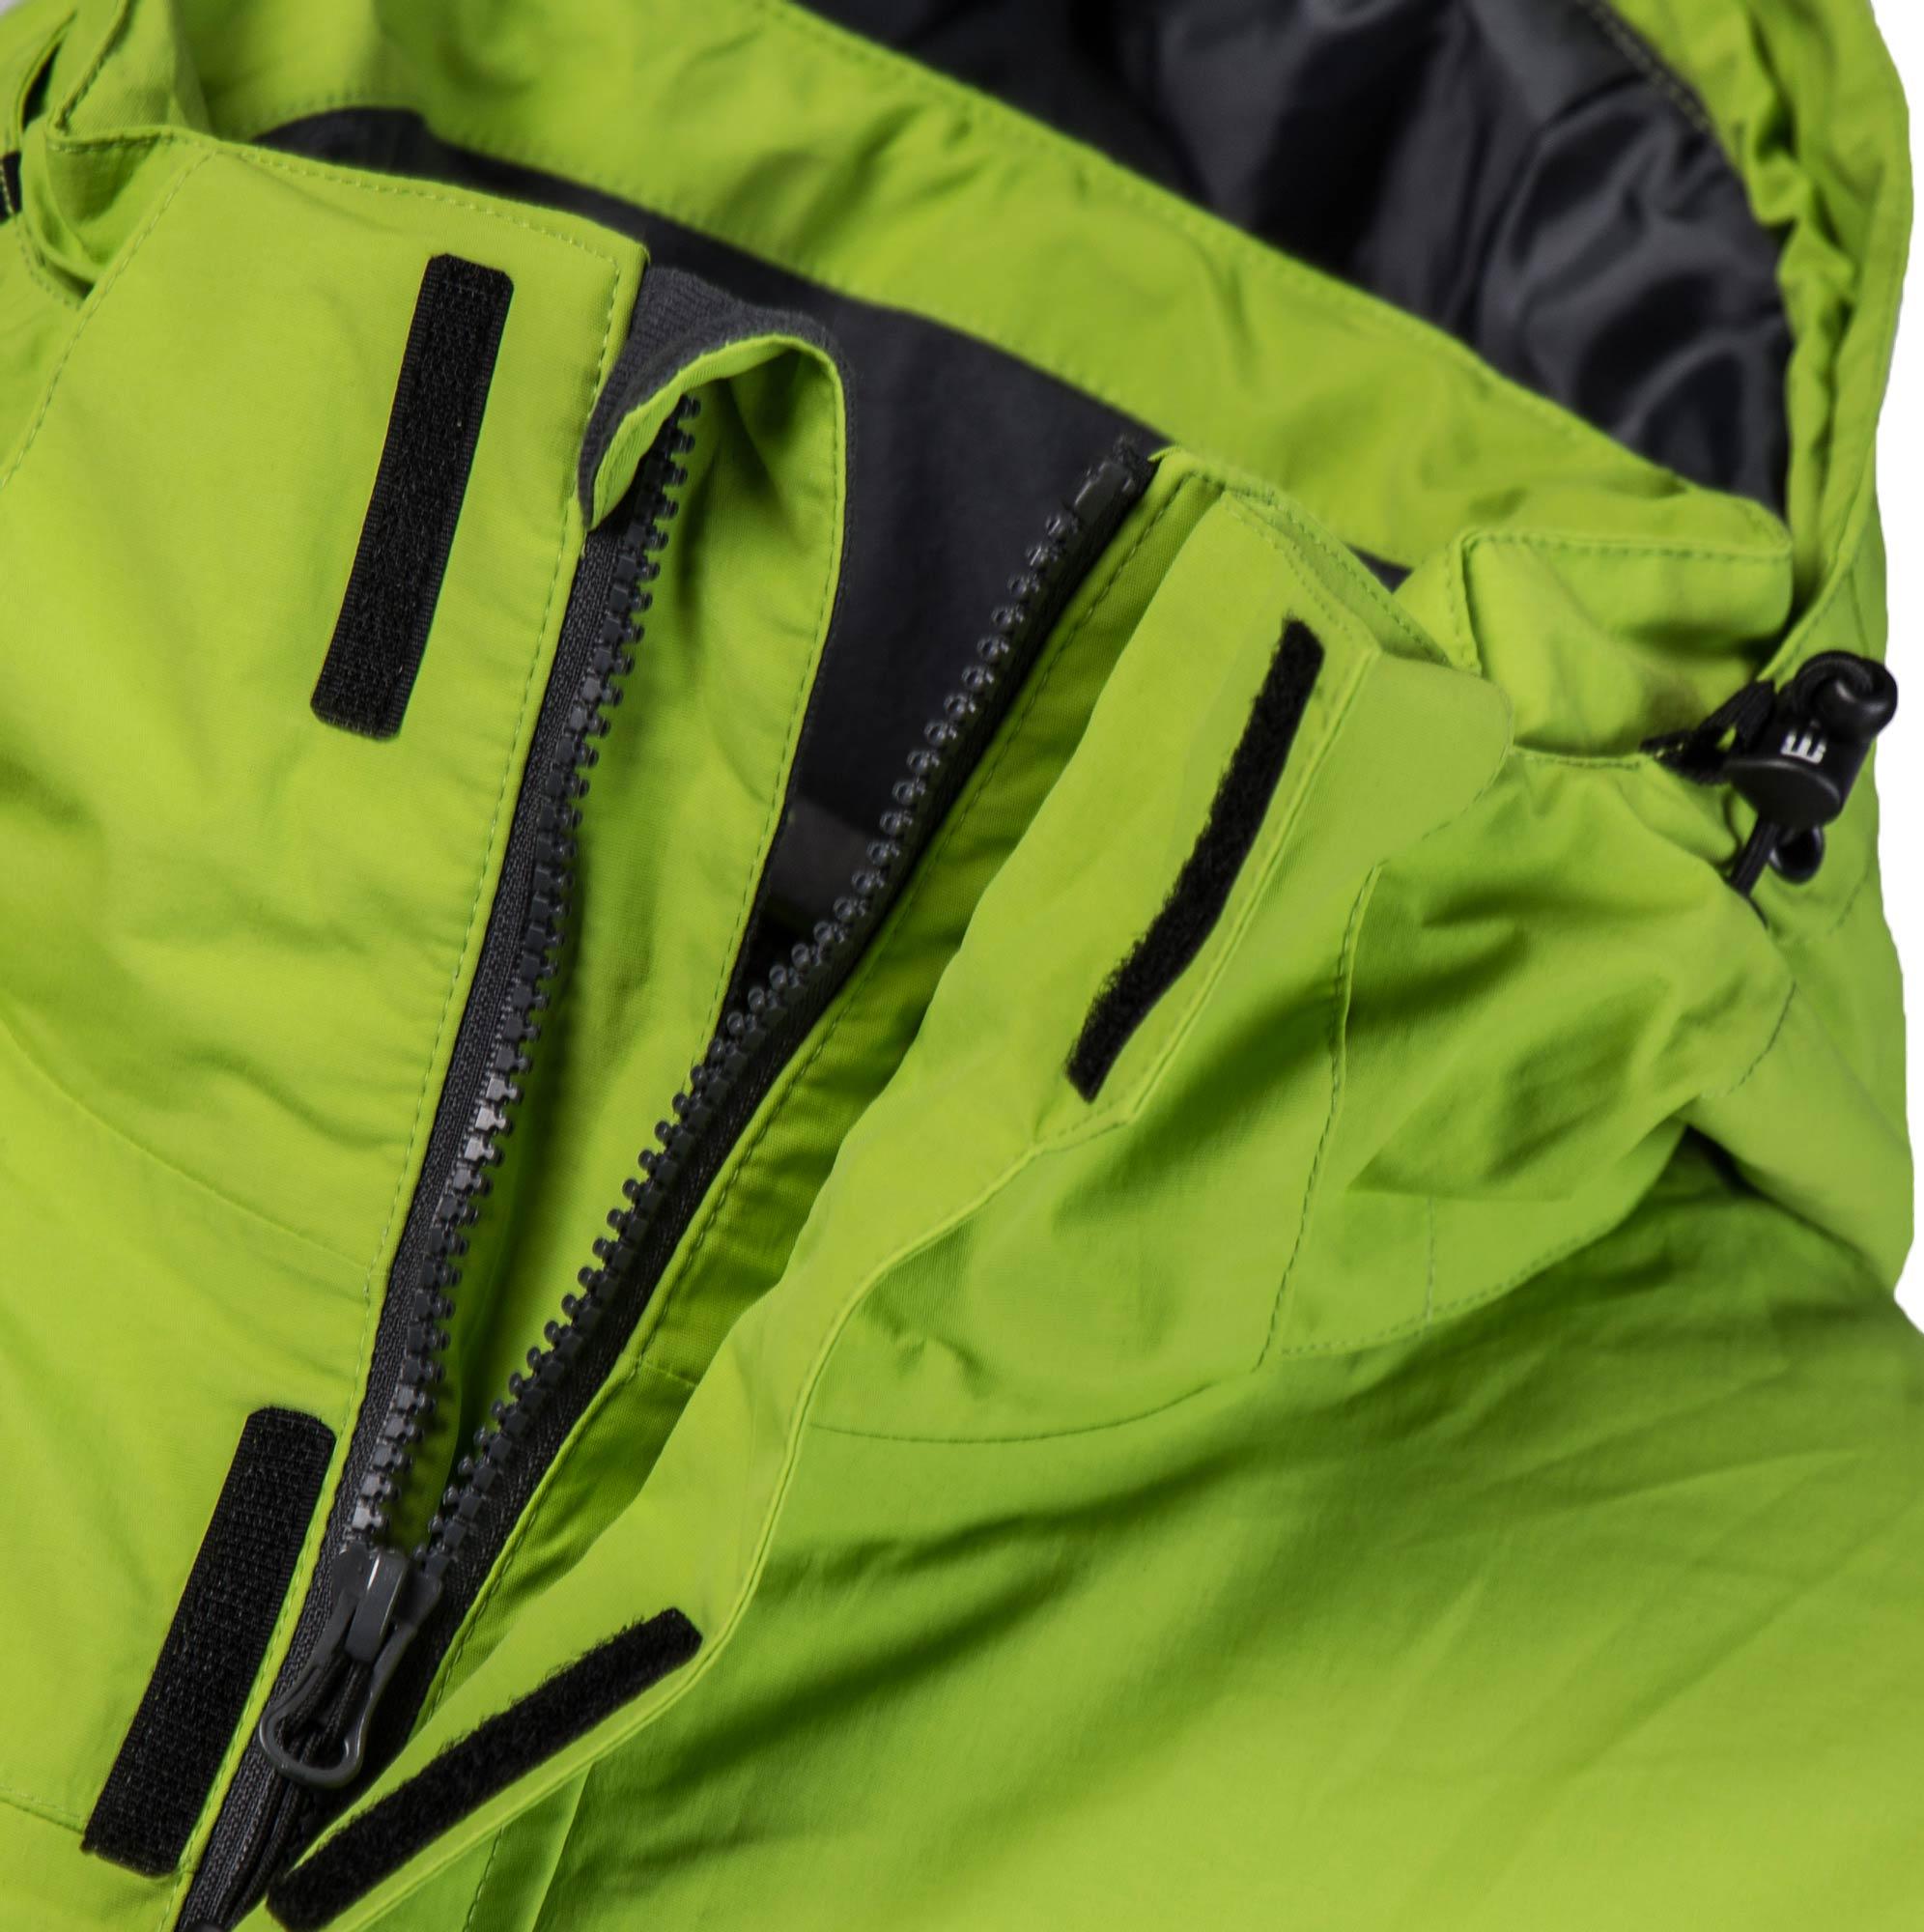 Willard ROBIN. Pánska lyžiarska bunda. Pánska lyžiarska bunda. Pánska  lyžiarska bunda. Pánska lyžiarska bunda 1d29f0c86f6